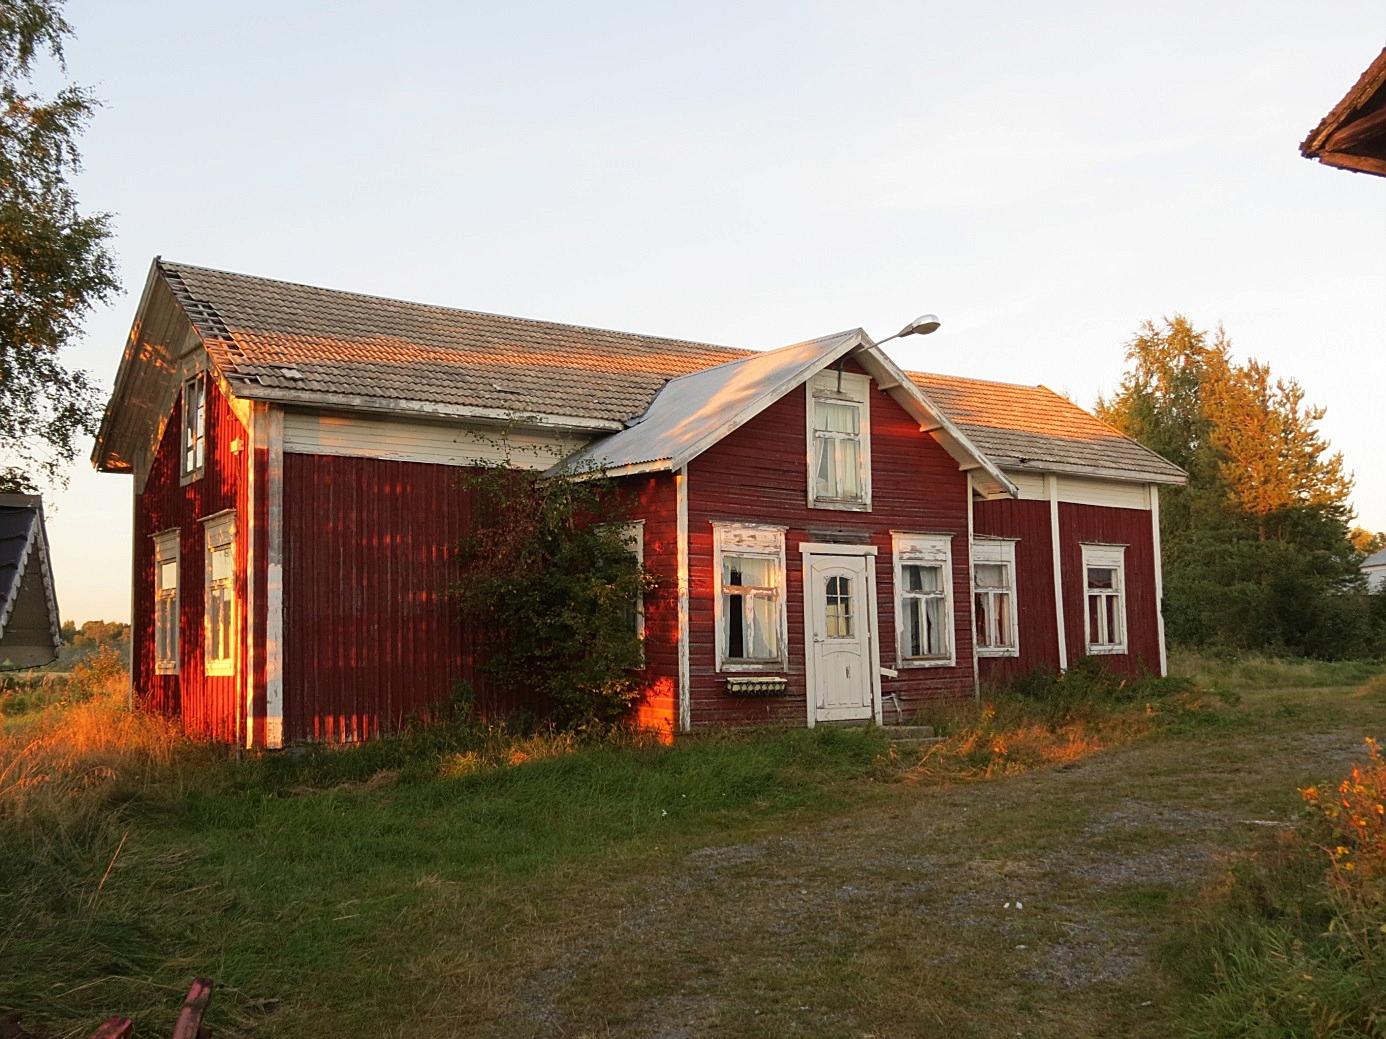 Huset fotograferat från gårdssidan 2013.